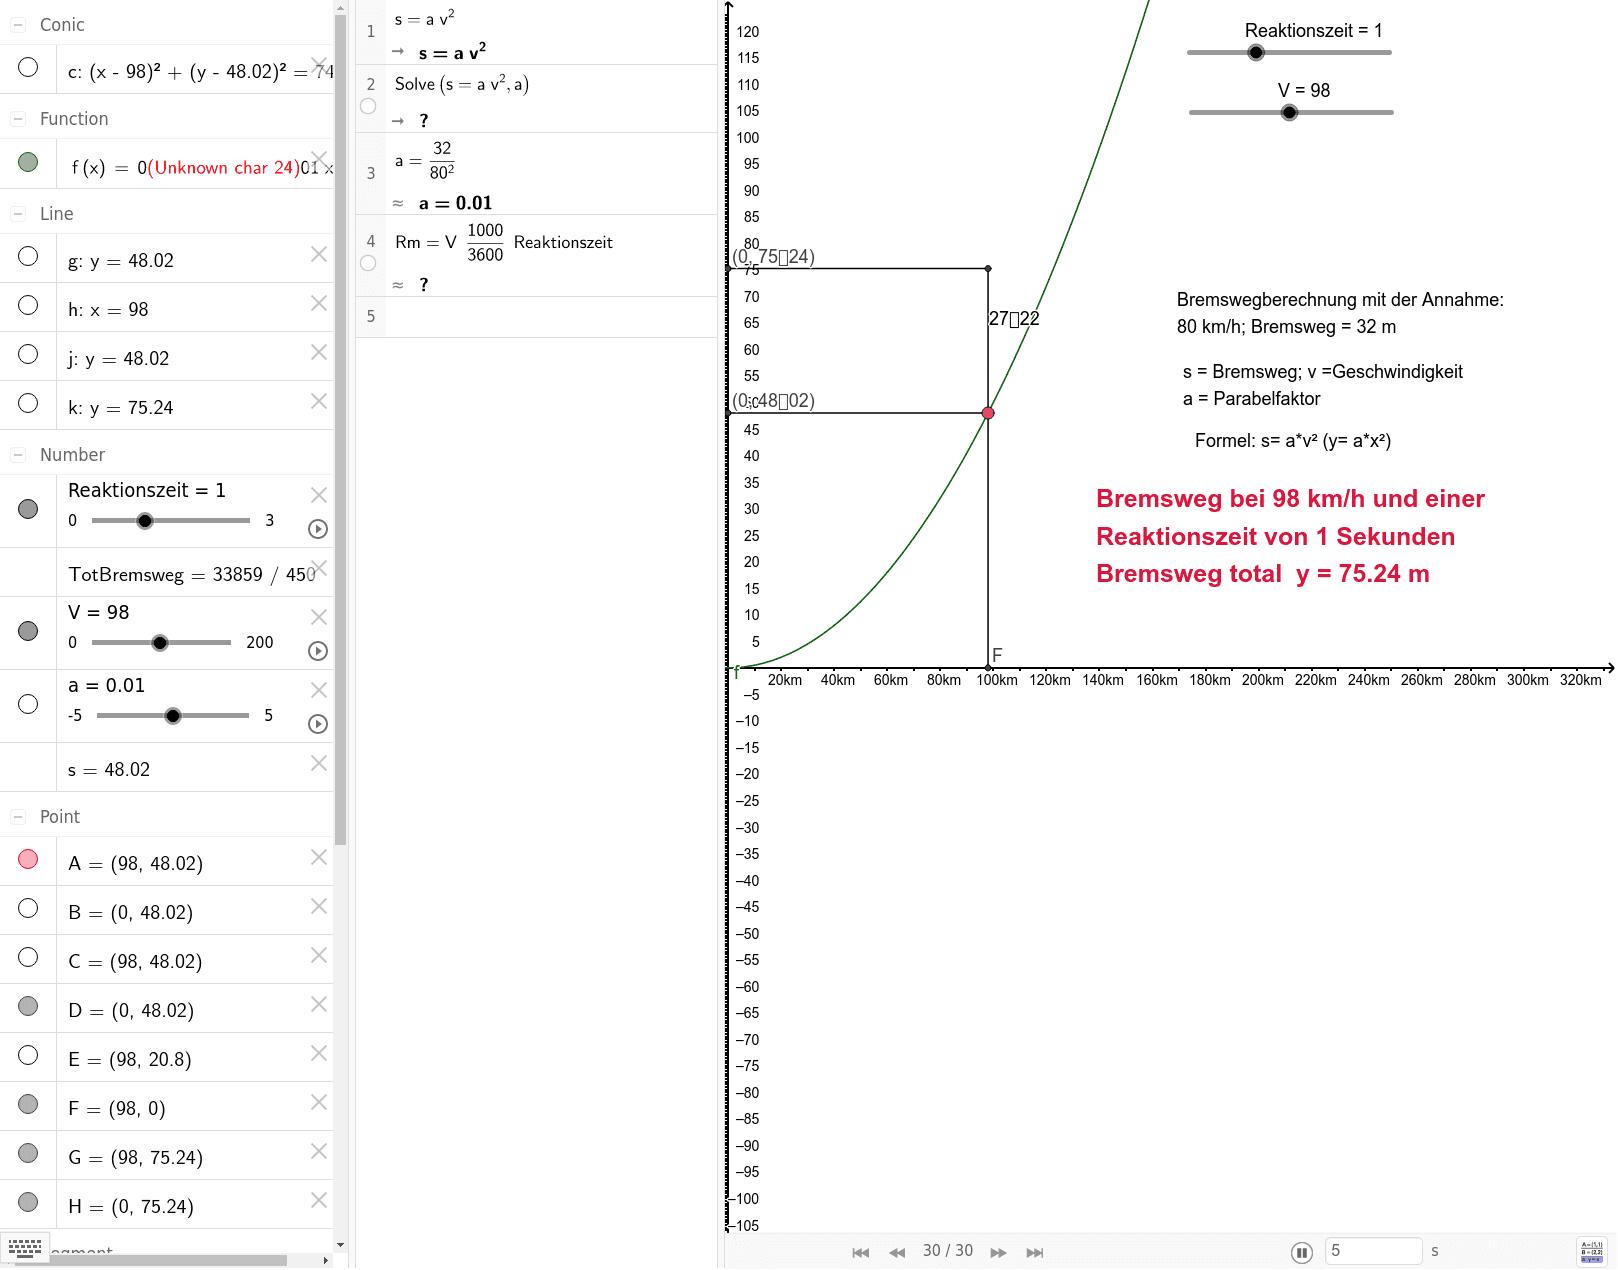 bremsweg bei 100 kmh und 1 sekunde reaktionszeit